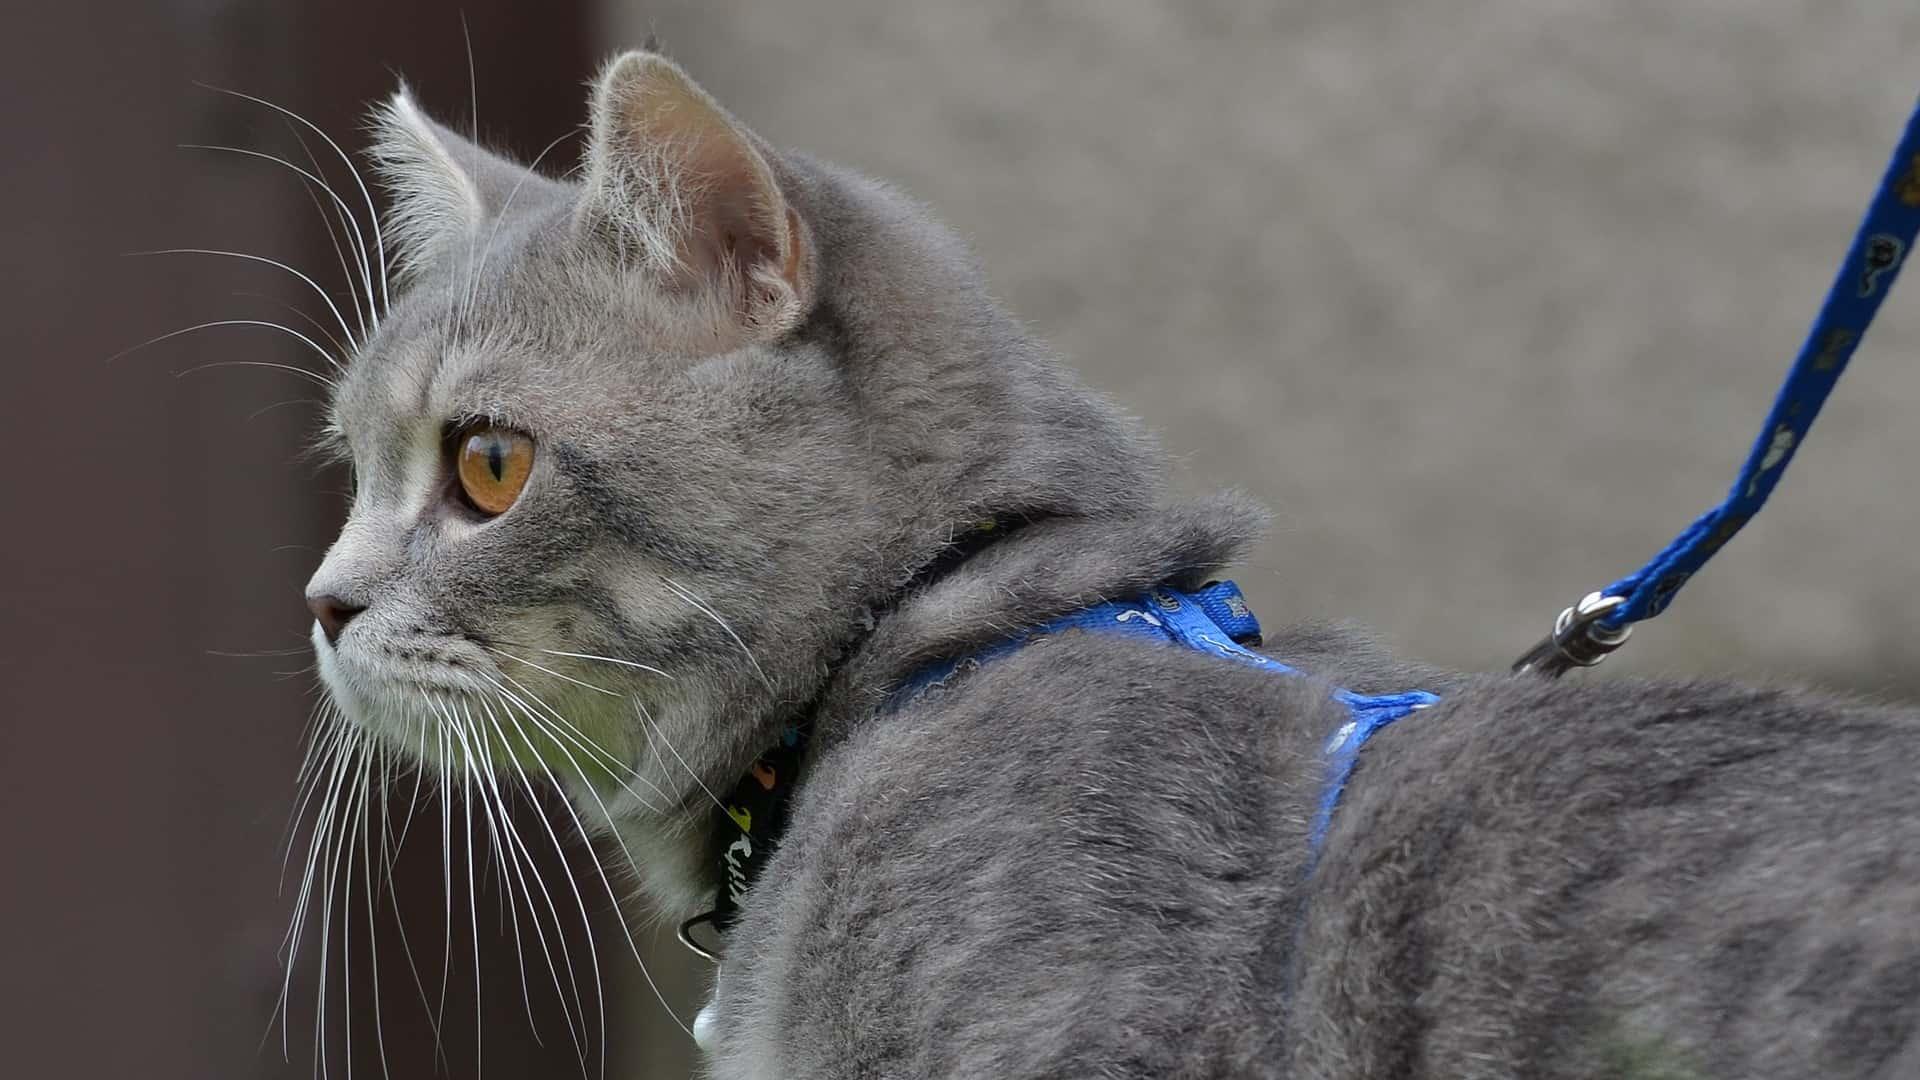 Miglior pettorina gatto 2020: Guida all'acquisto